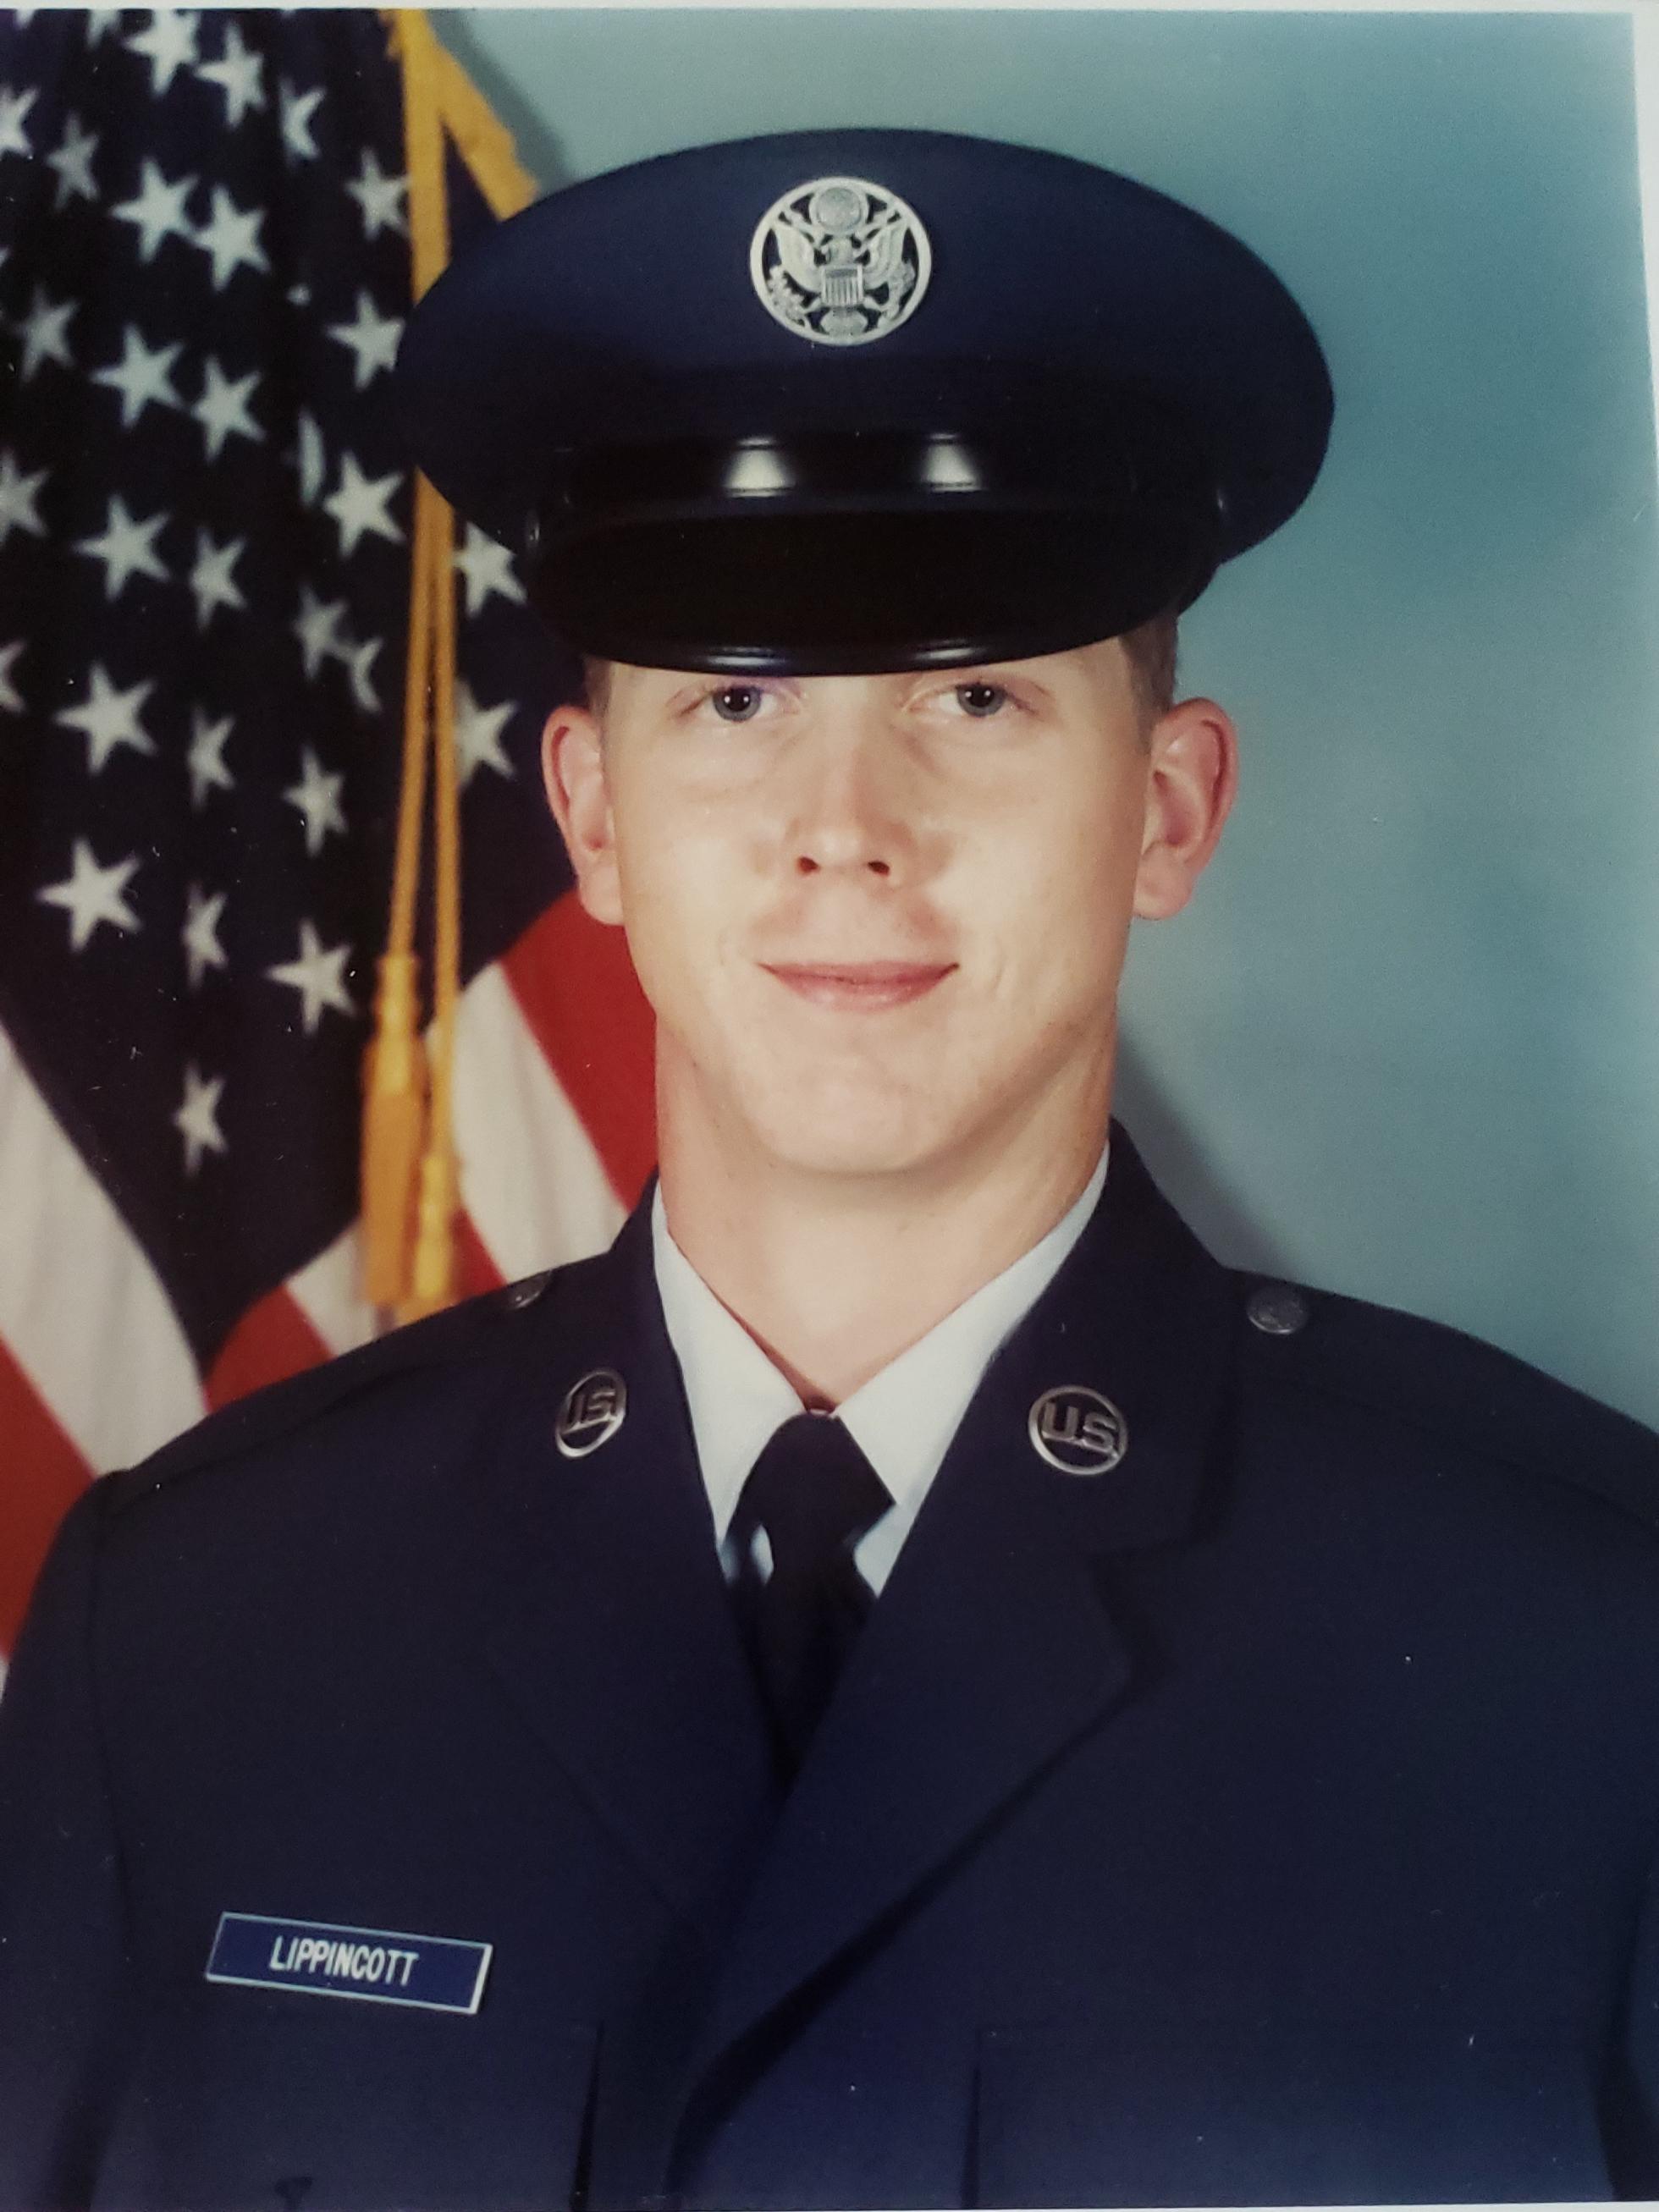 Aaron L. Lippincott